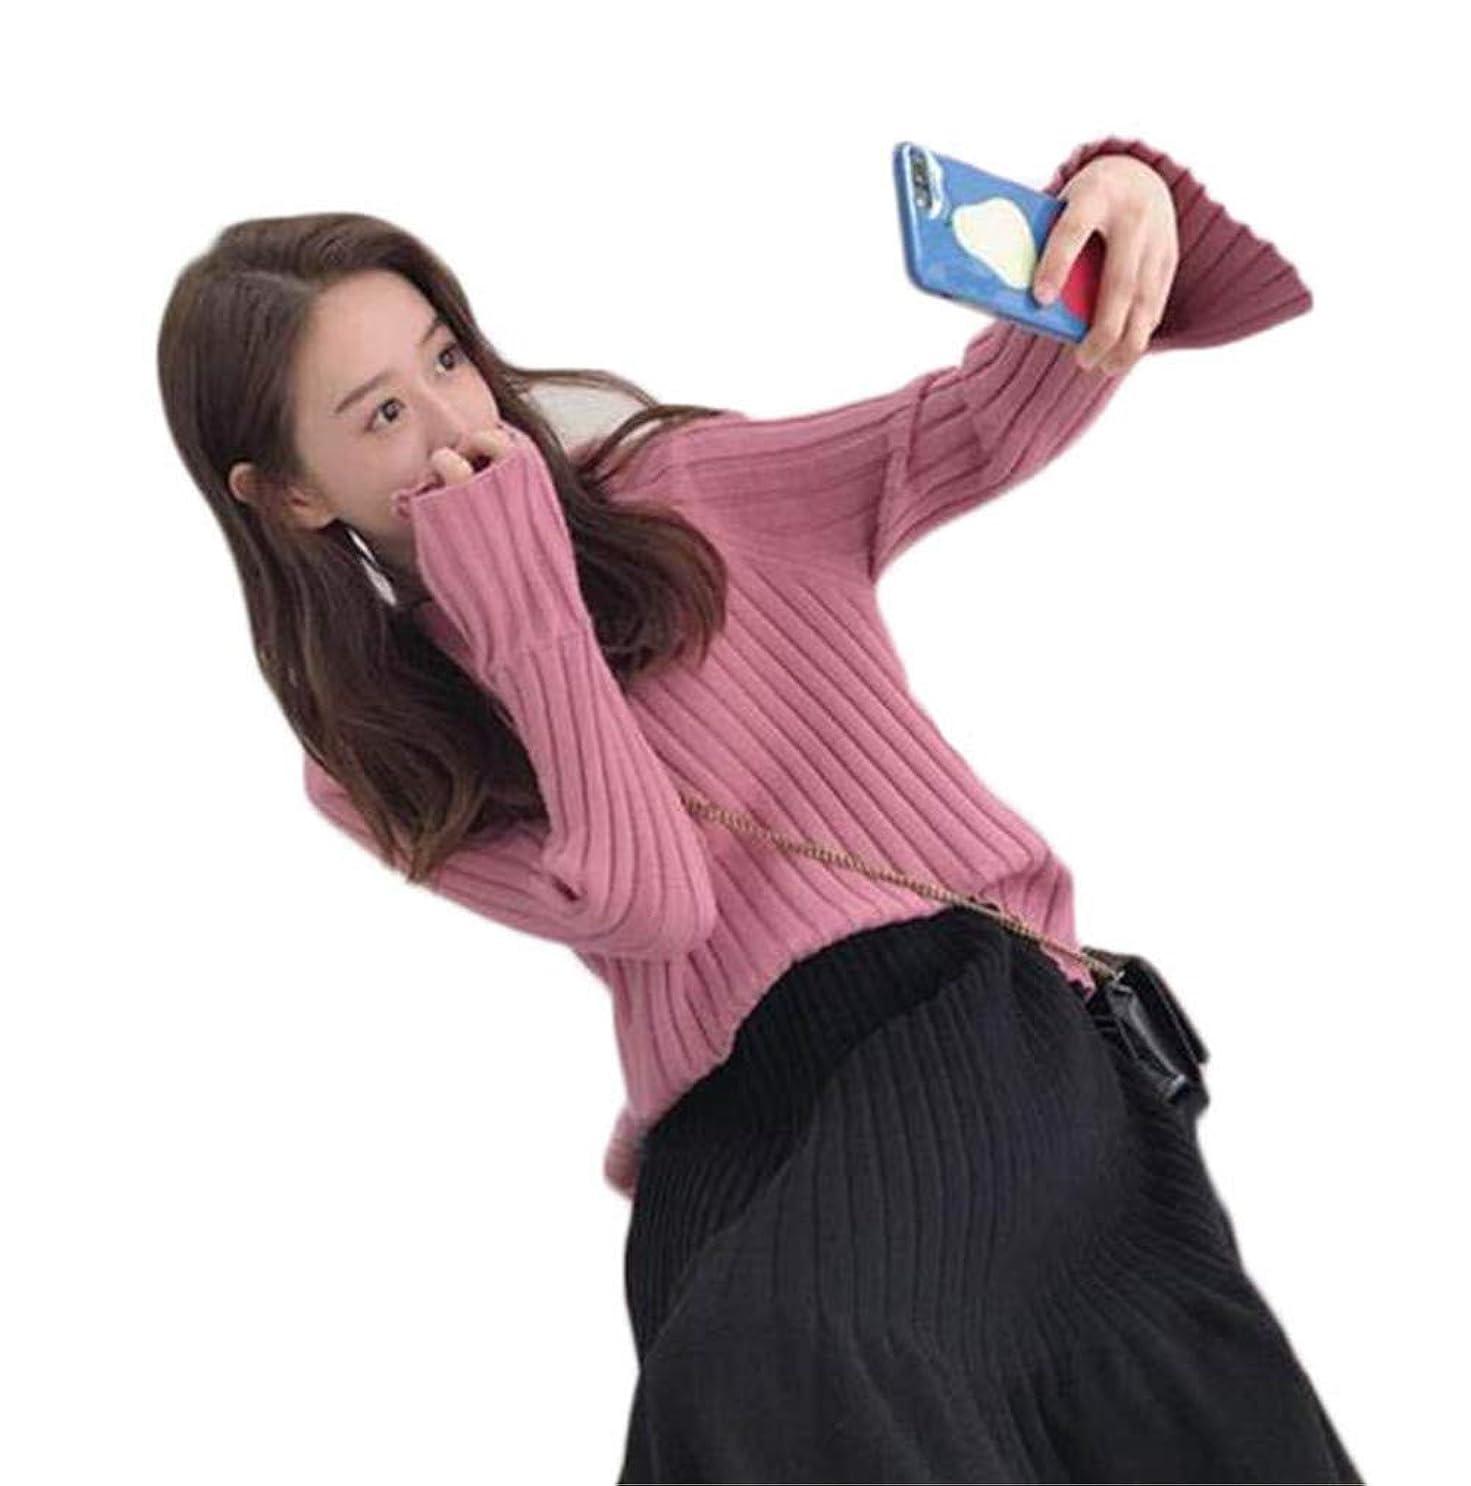 ボックスフレッシュ処理レディース ジャージ セーター + スカート ゆったり ニットセーター コーディネート ニットスカート 体型カバー ファッション 可愛い 森ガール 着痩せ